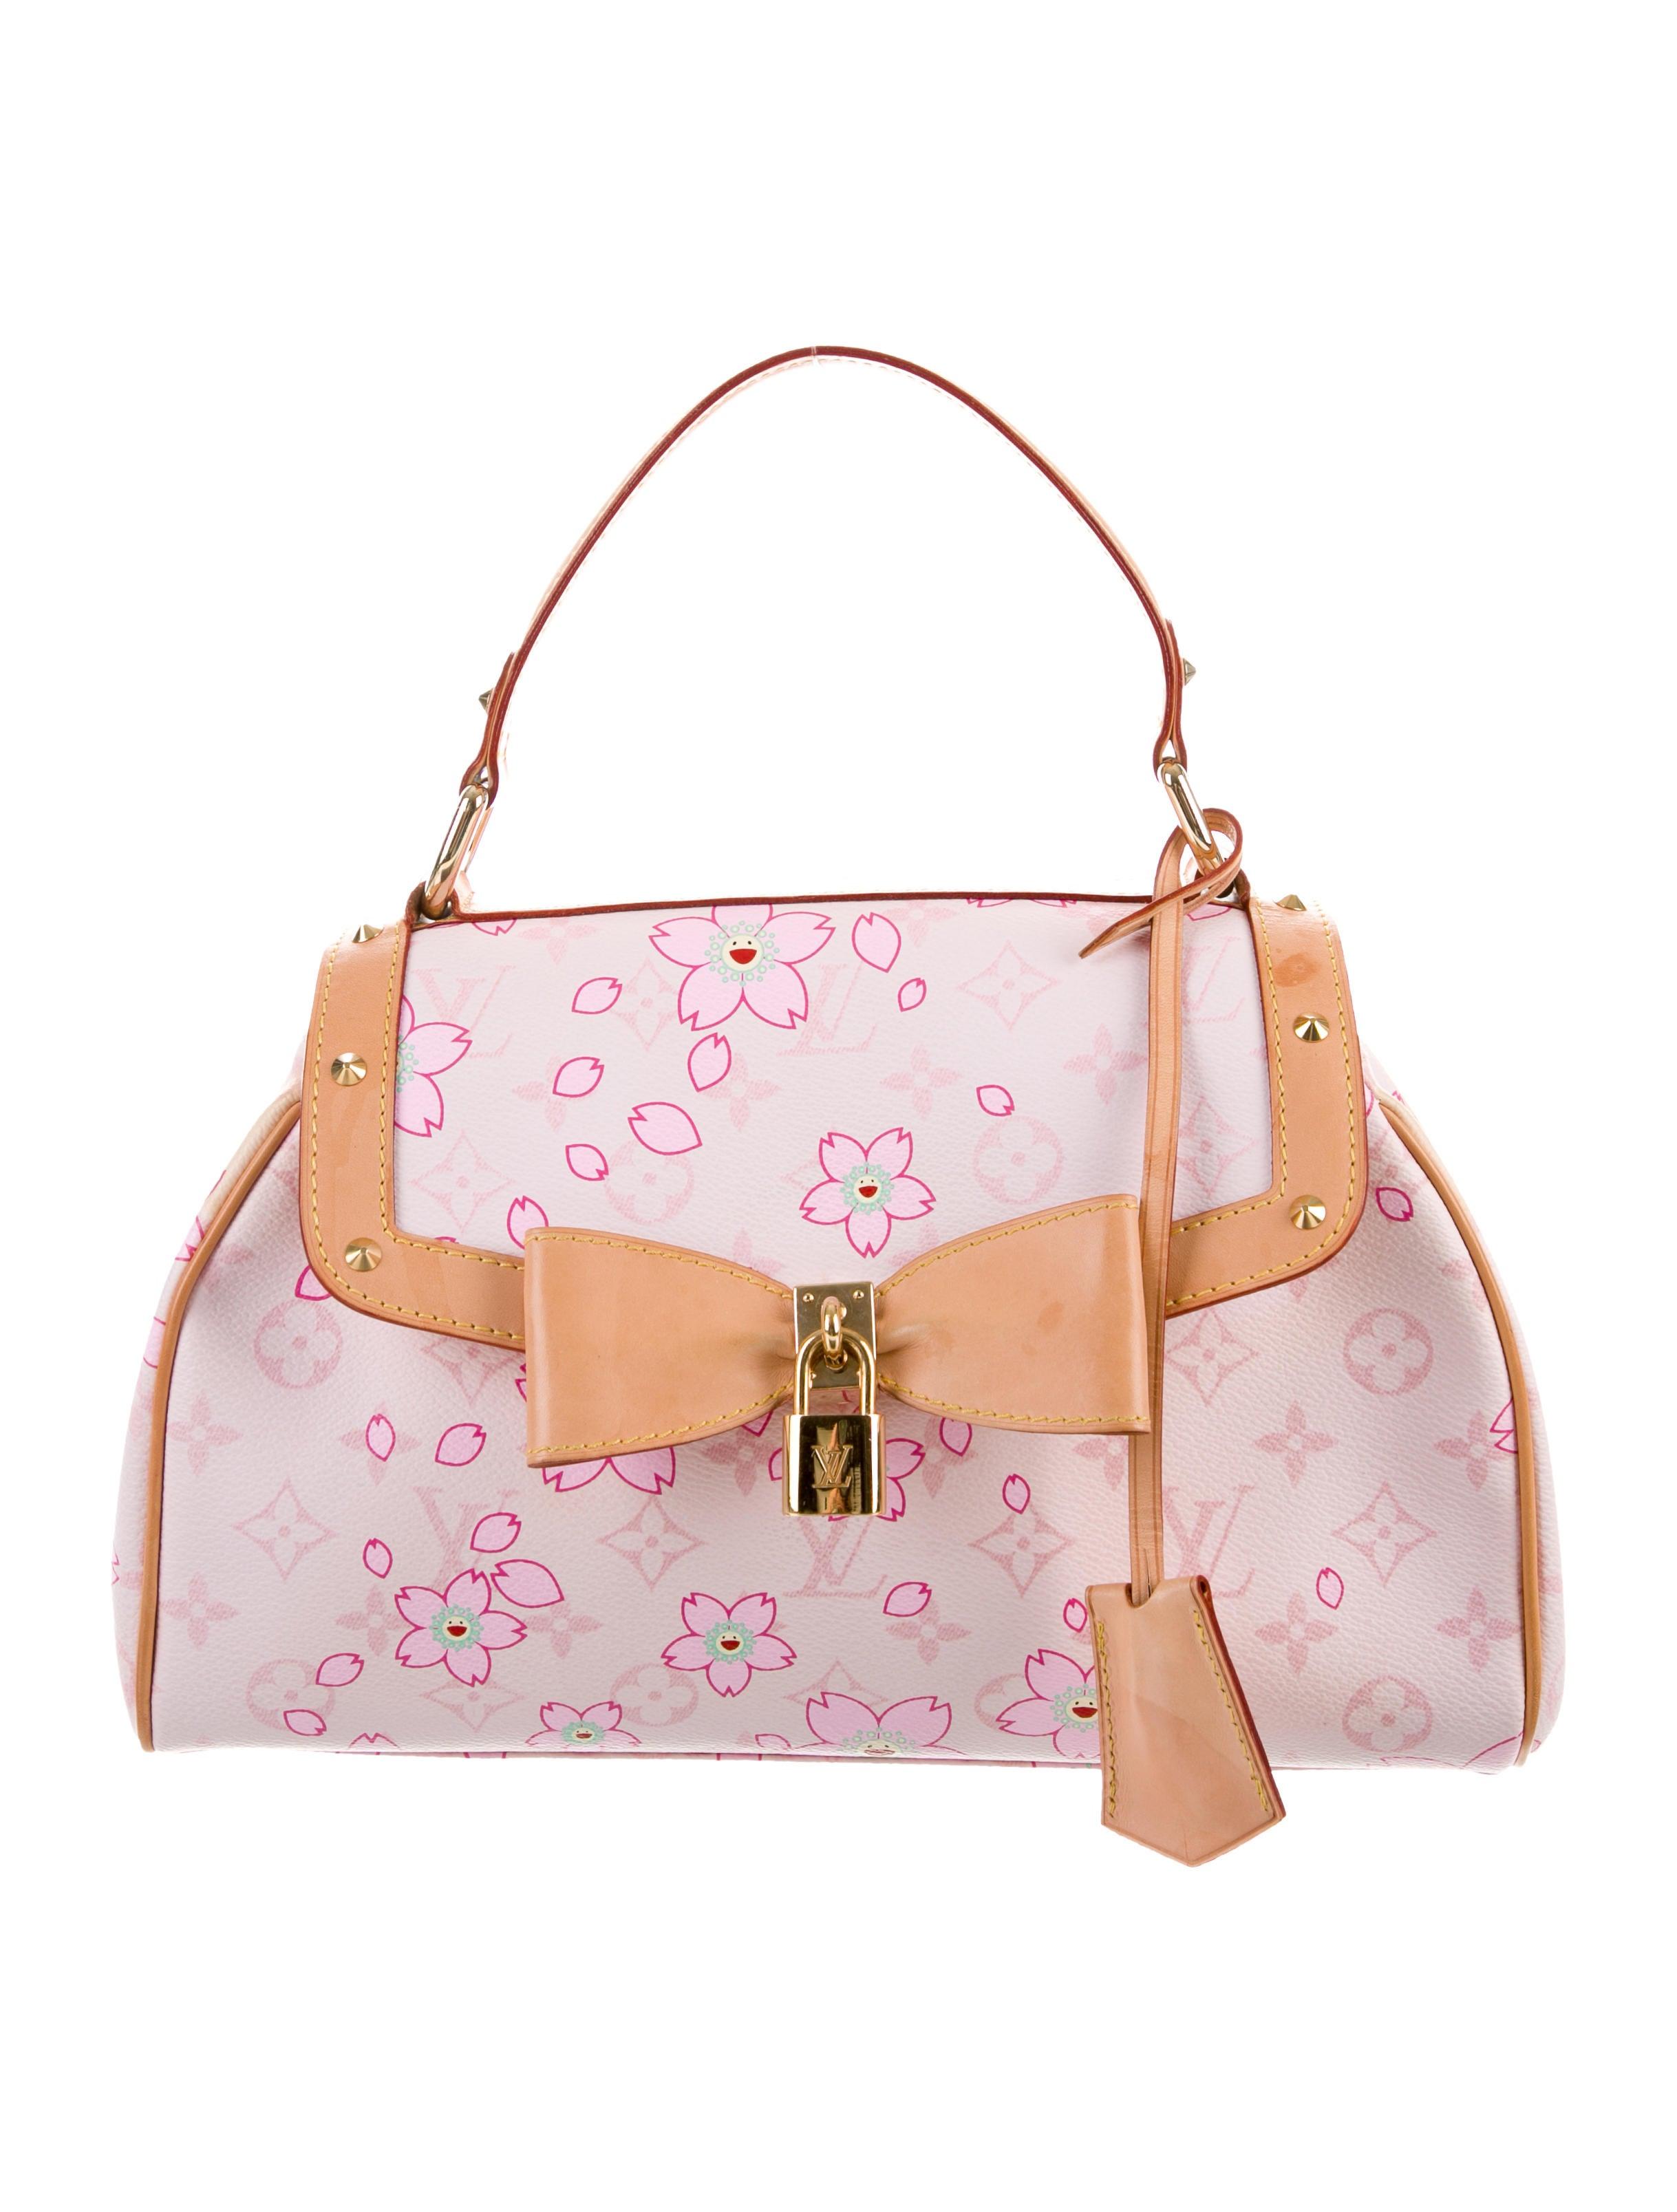 44982e31b05f Louis Vuitton Cherry Blossom Sac Retro - Handbags - LOU172790